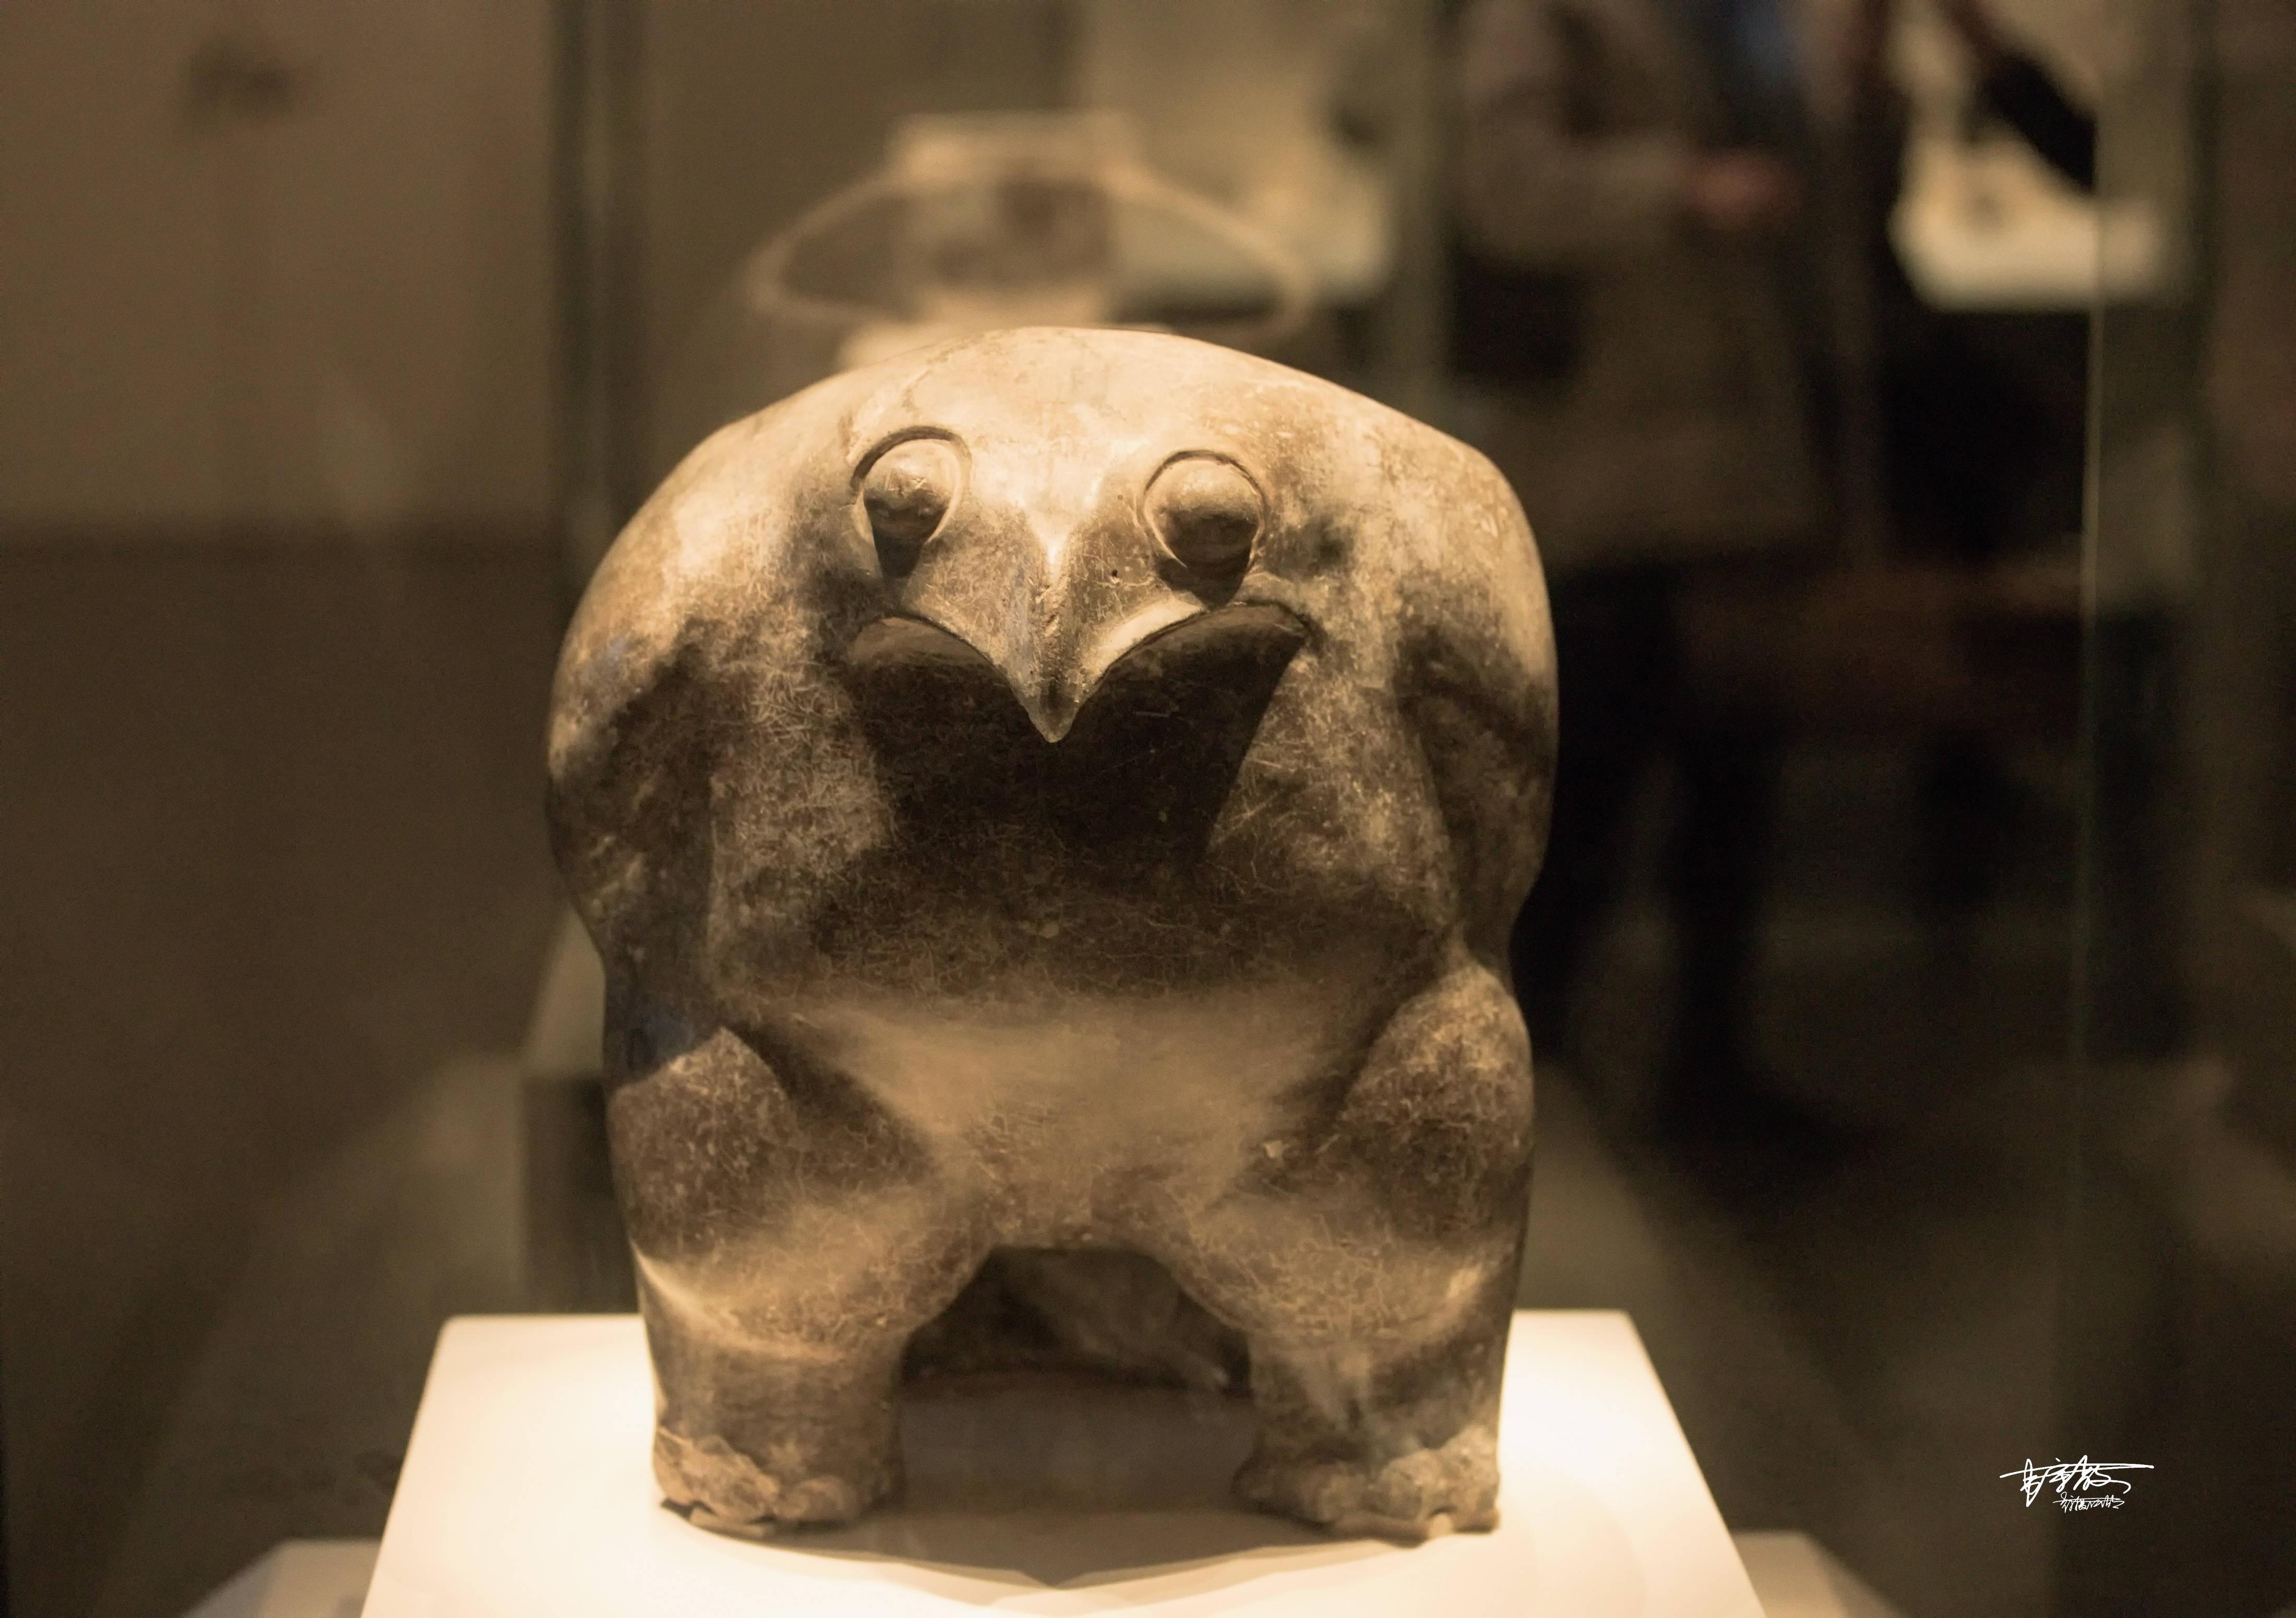 后母戊鼎、四羊方尊、鹰形陶鼎、古代冰箱……你想看的国宝,都在这个博物馆里